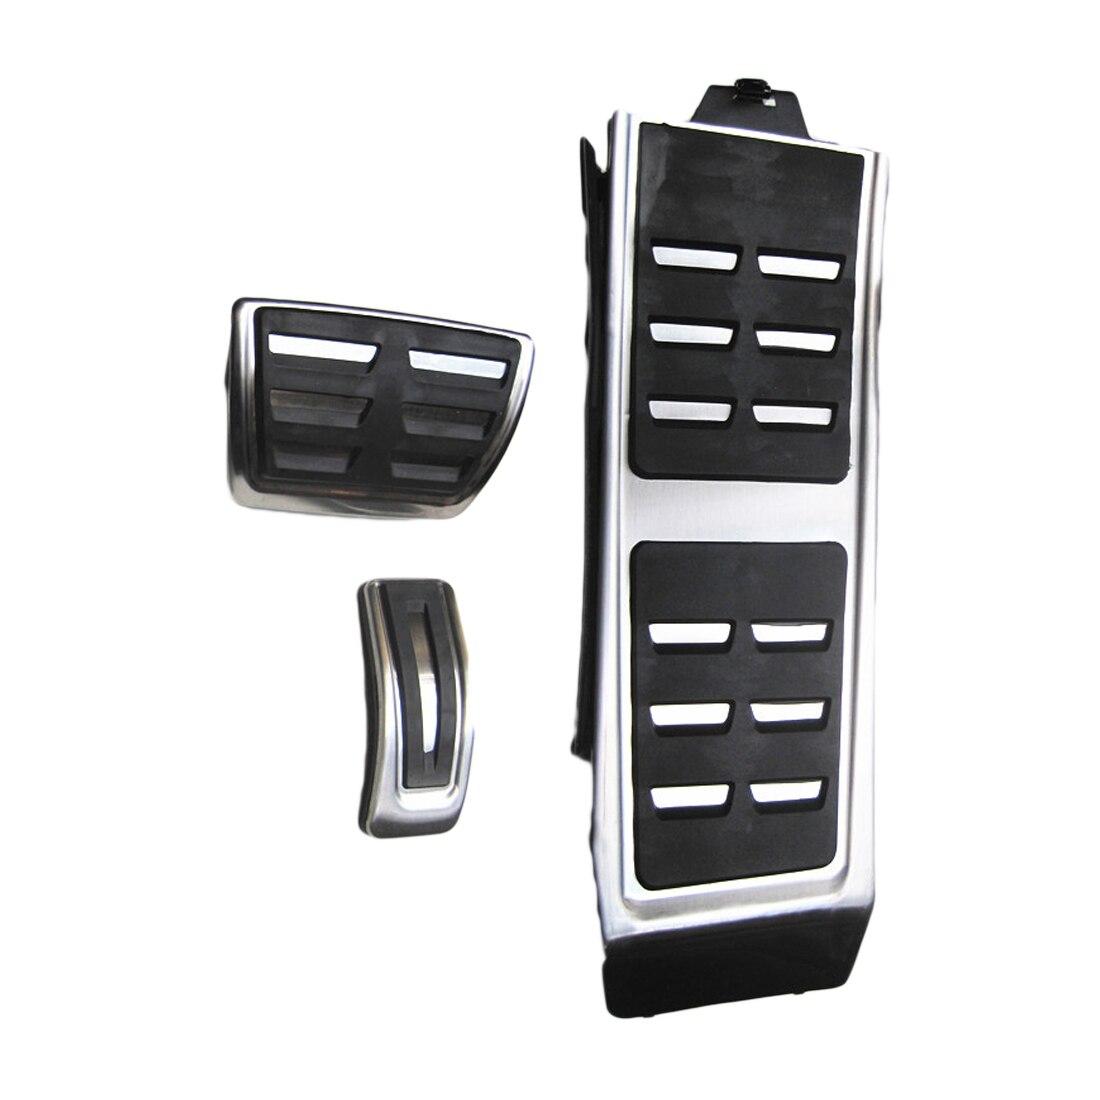 Dewtreetali Sport pédales adaptées pour Audi A4 B8 A6 A7 A8 S4 RS4, A5 S5 RS5 8 T Q5 SQ5 carburant frein repose-pieds couvercle de pédale accessoires Auto